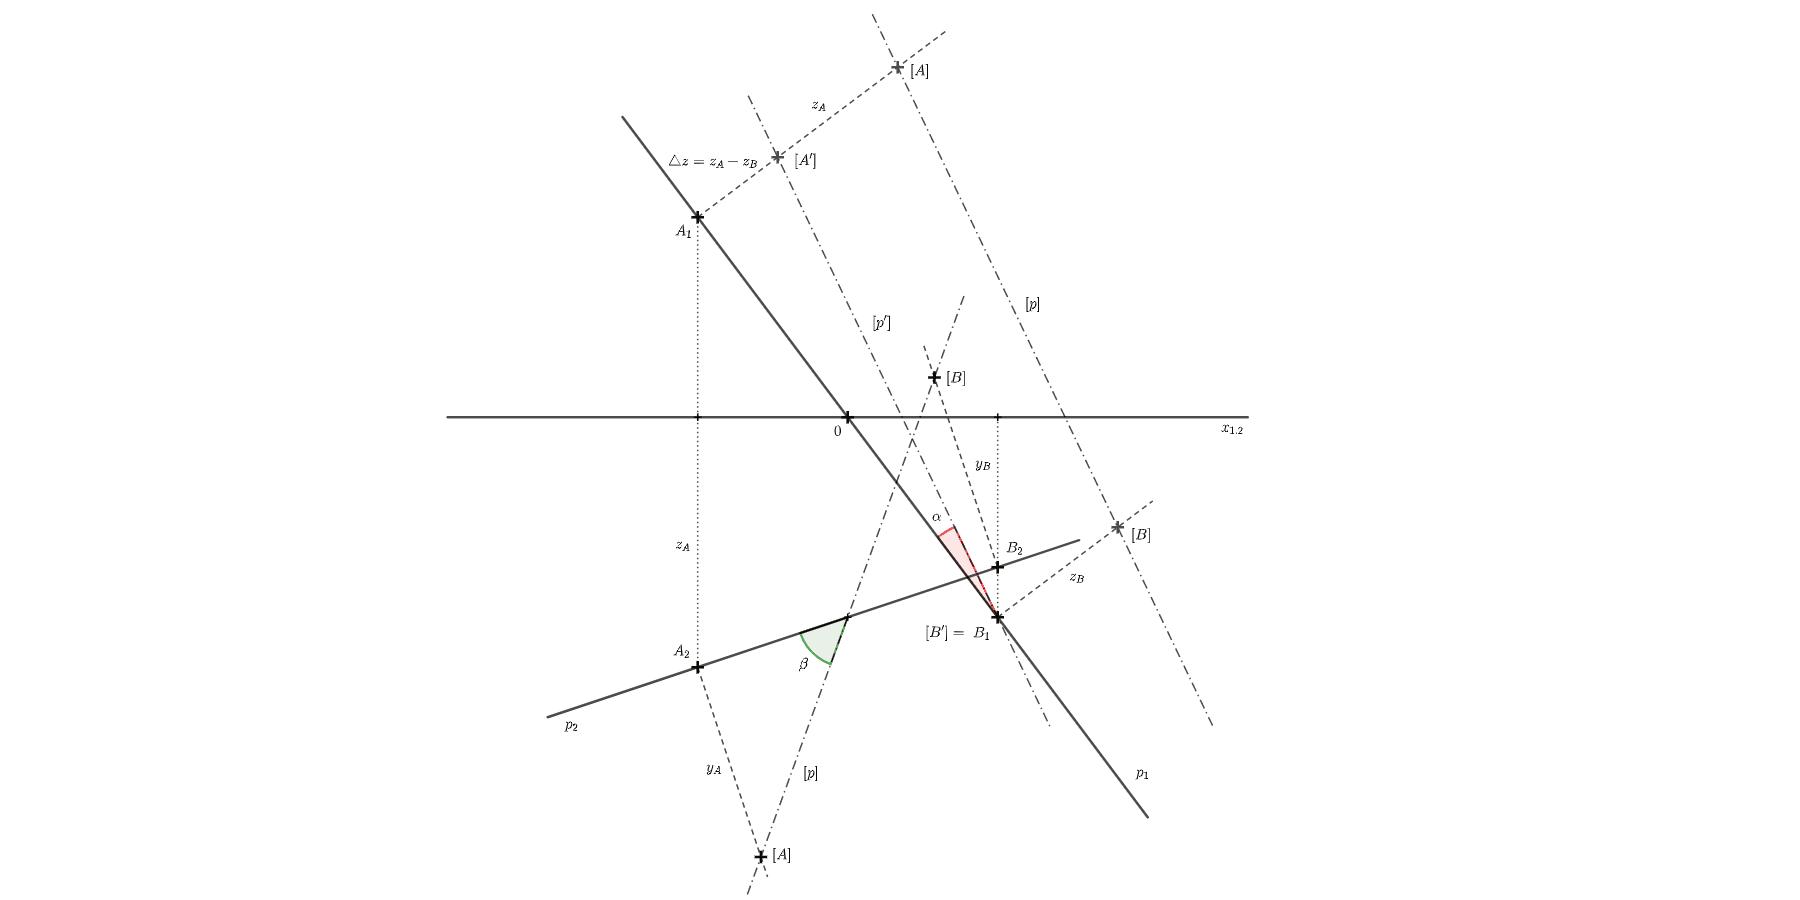 Určete velikost půdorysné a nárysné odchylky přímky p=(AB), A=[-3; -4; -5], B=[3; 4; -3]. Zahajte aktivitu stisknutím klávesy Enter